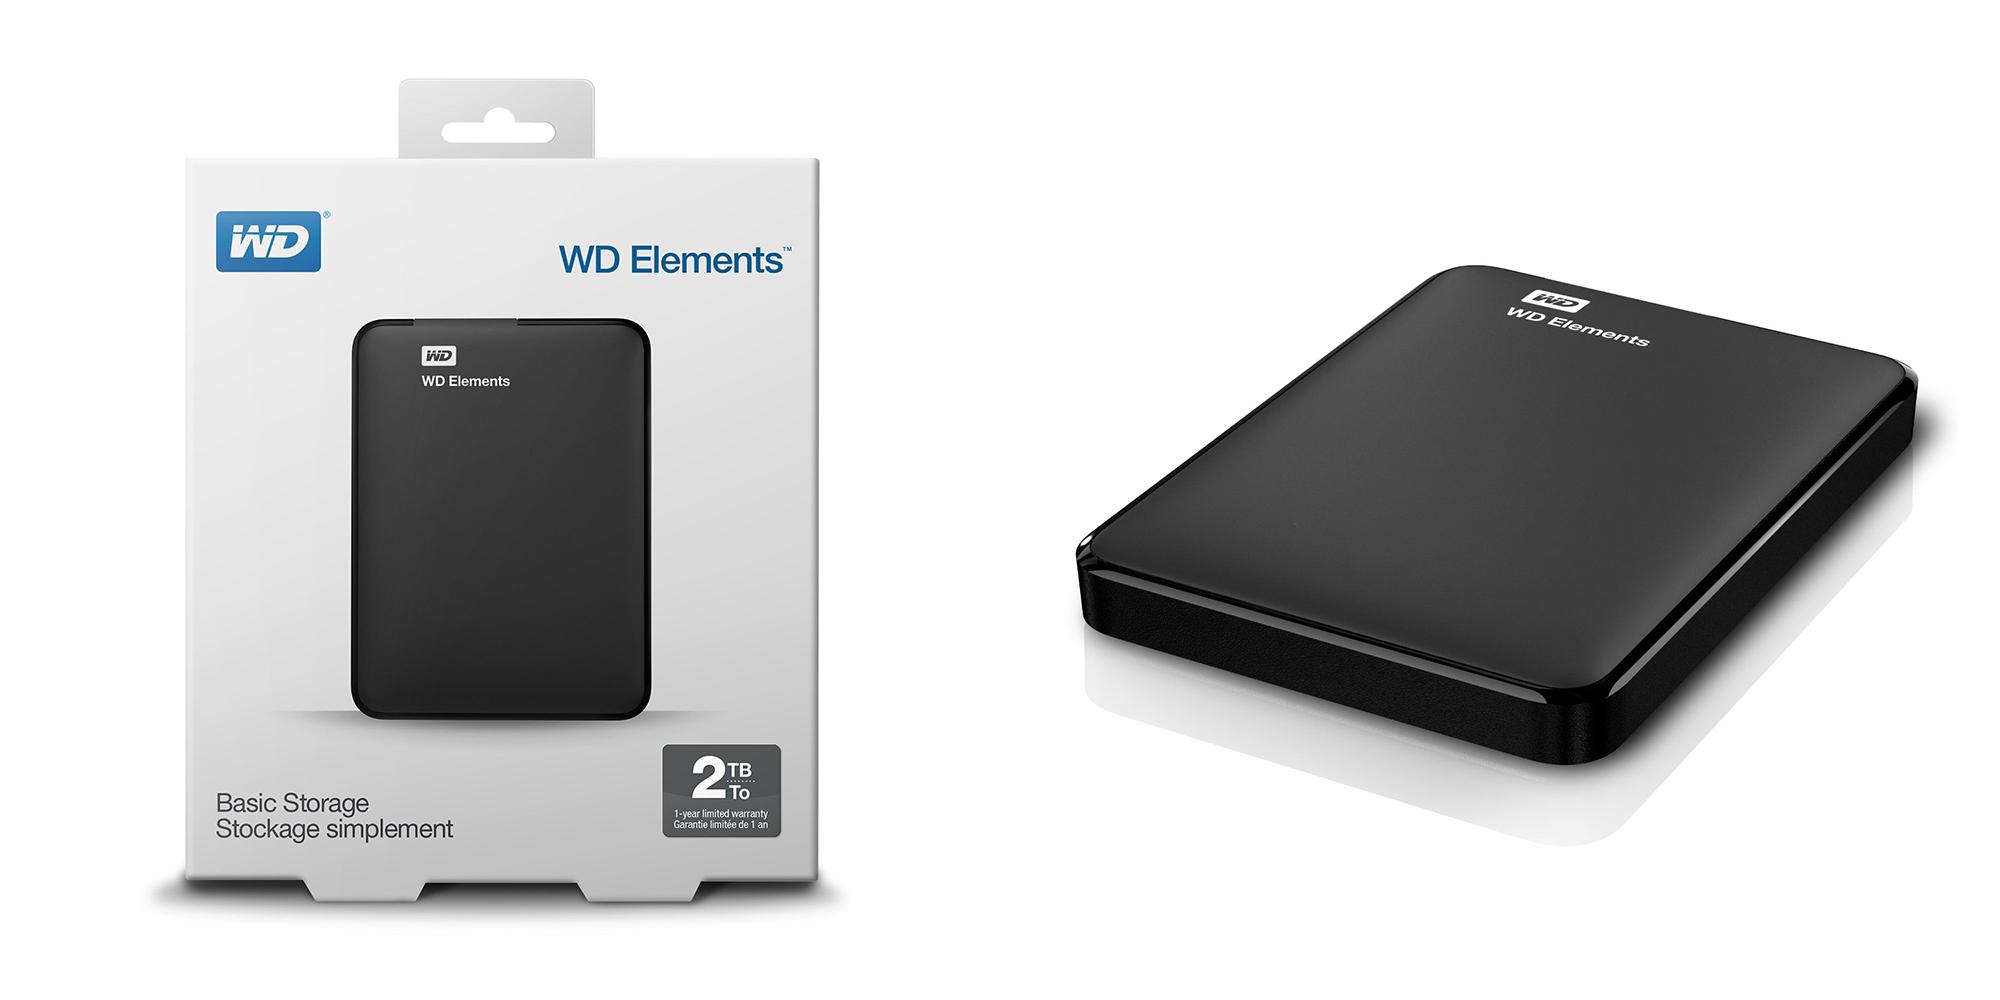 wd-elements-2tb-hdd